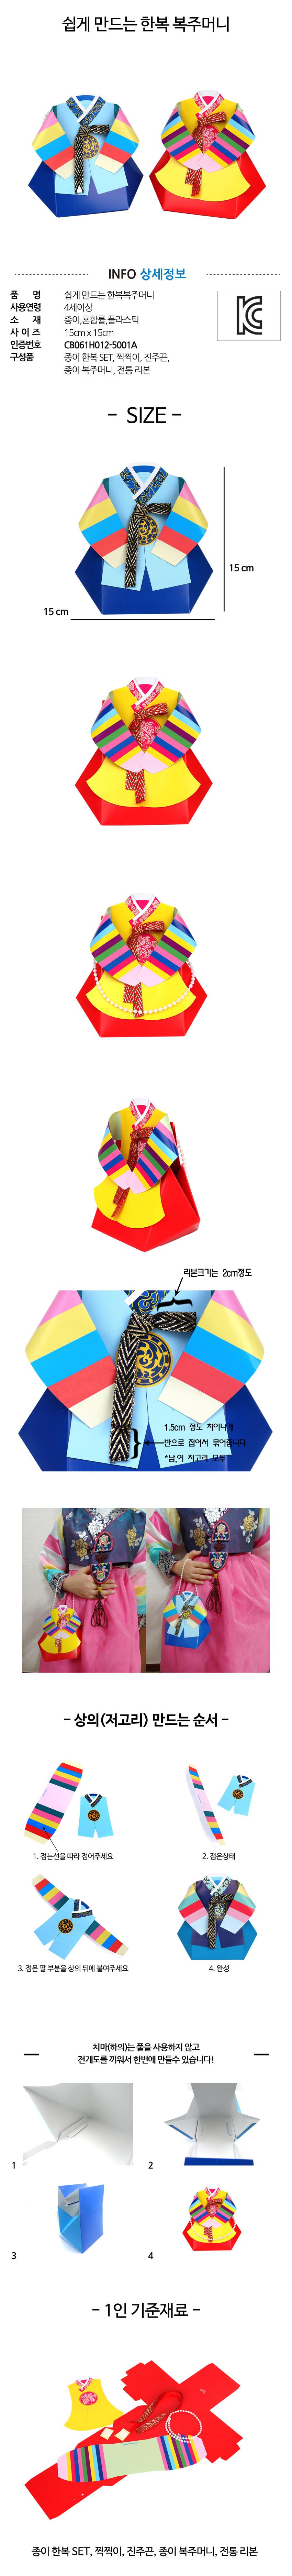 쉽게 만드는 한복복주머니 5인용 - 미술샘, 7,000원, 종이공예/북아트, 종이공예 패키지